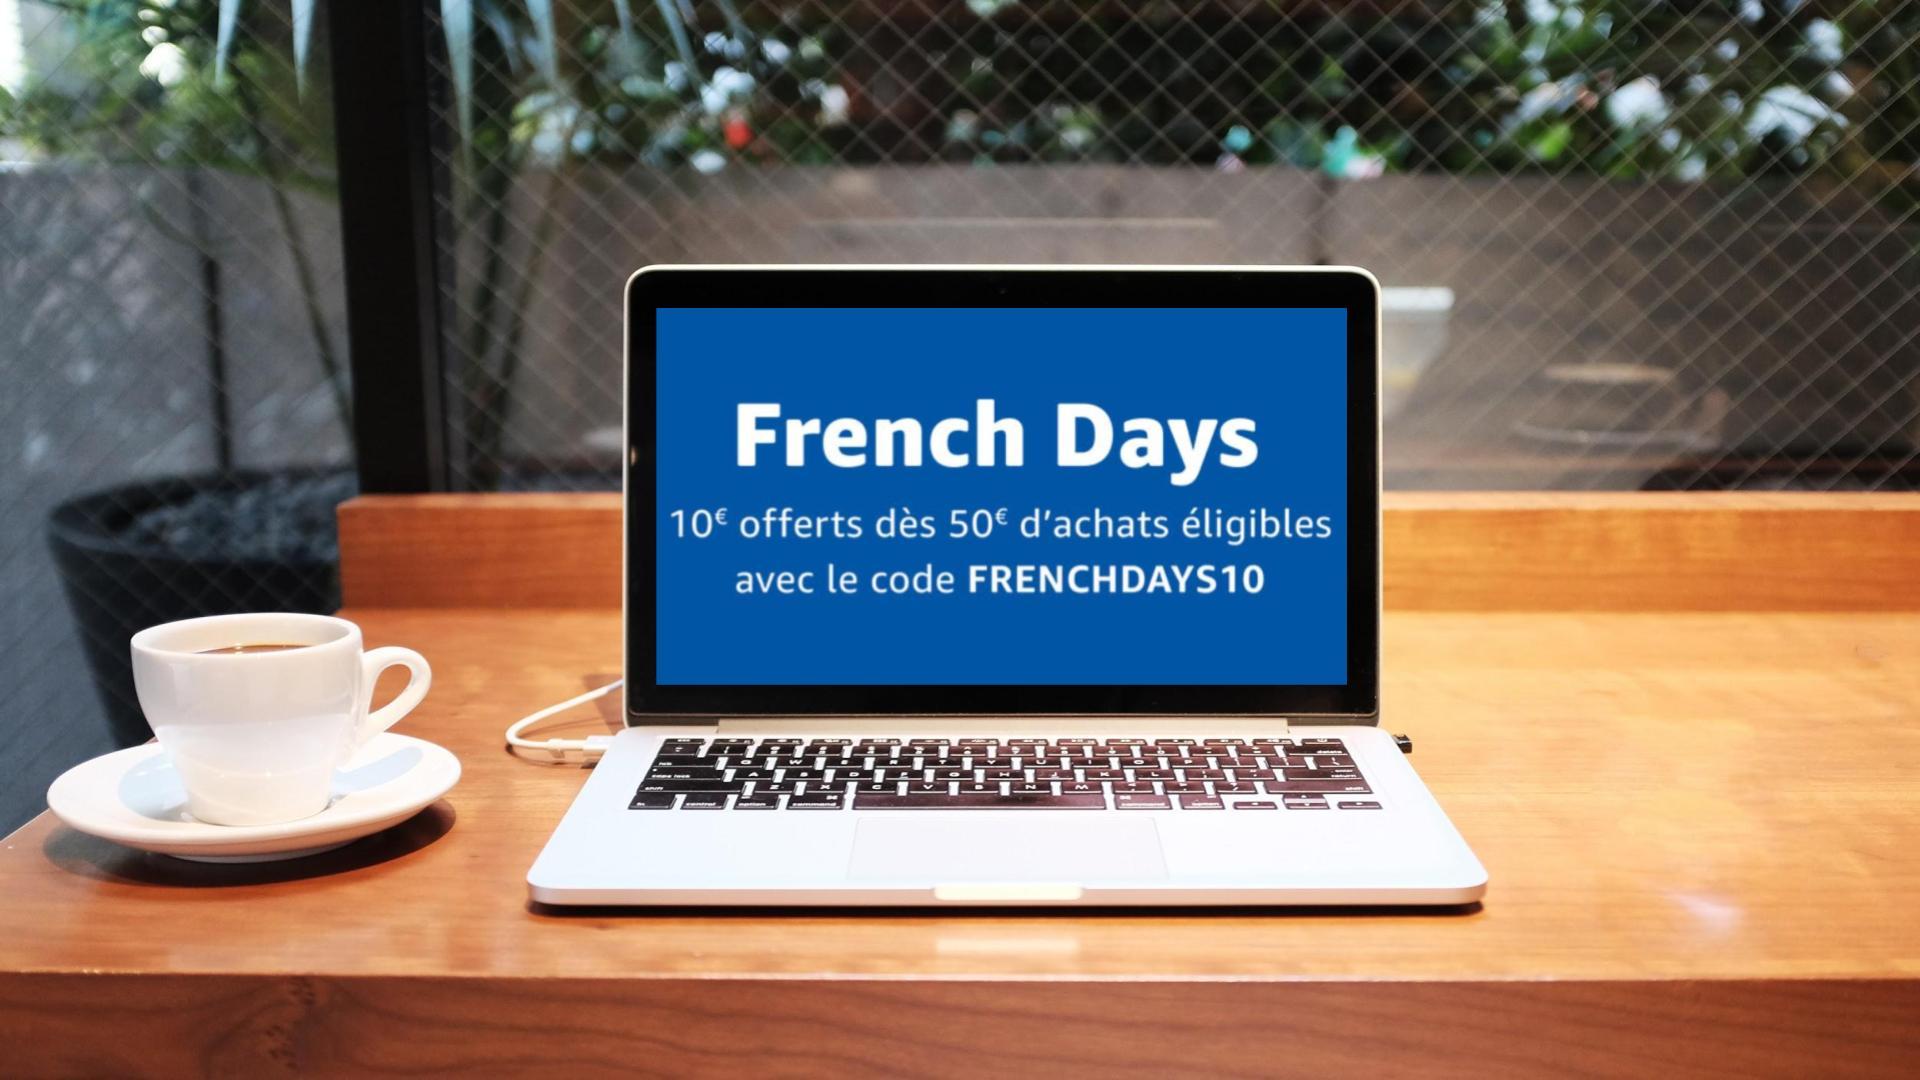 🔥 French Days : 10 euros offerts sur Amazon avec ce code promo (à partir de 50 euros d'achat)